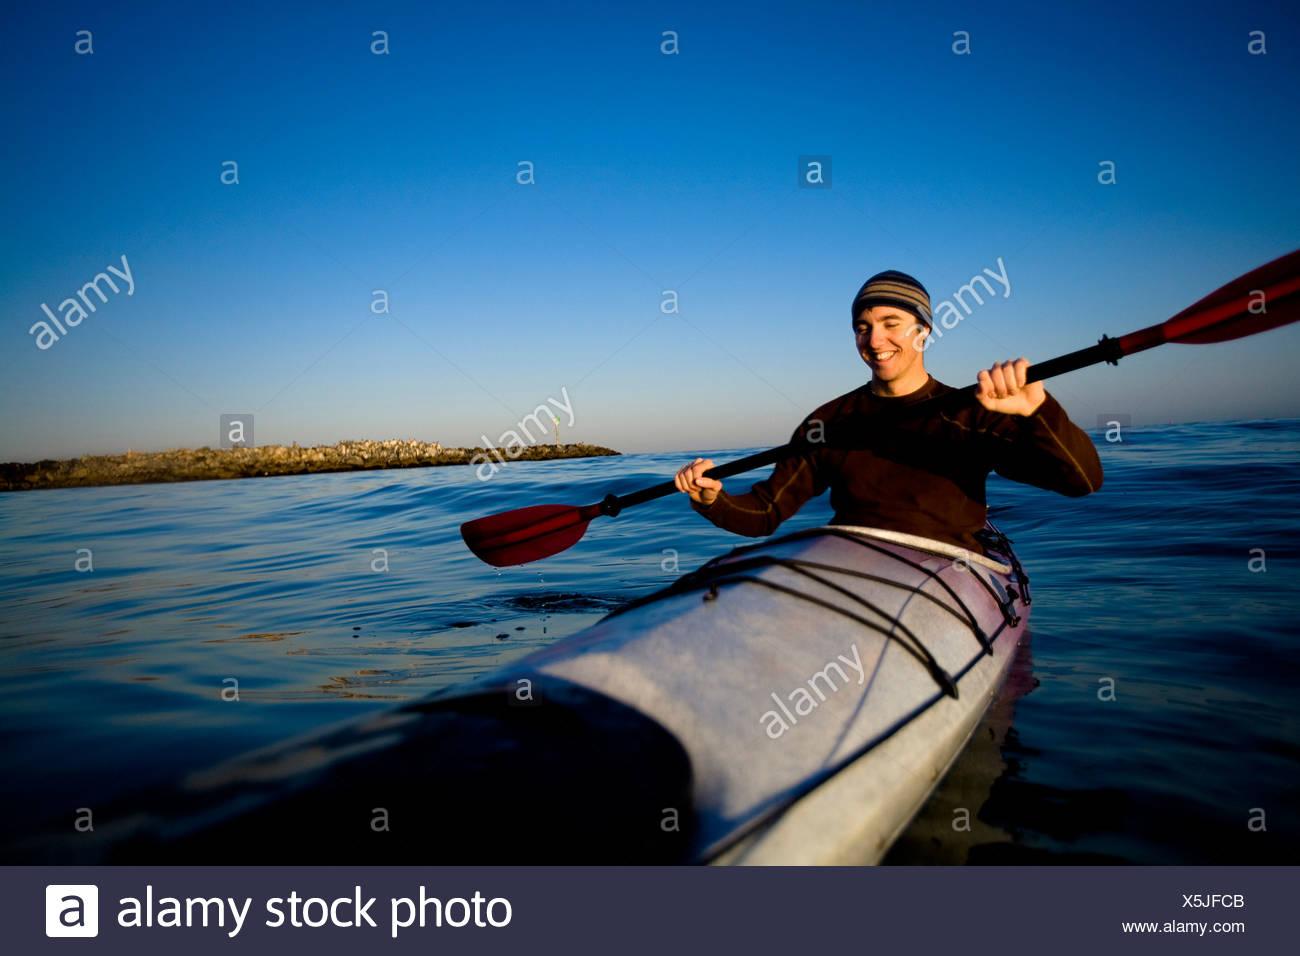 Un hombre joven sonríe mientras remando un kayak de travesía, justo en las afueras de Ventura Harbor en Ventura, California. Imagen De Stock